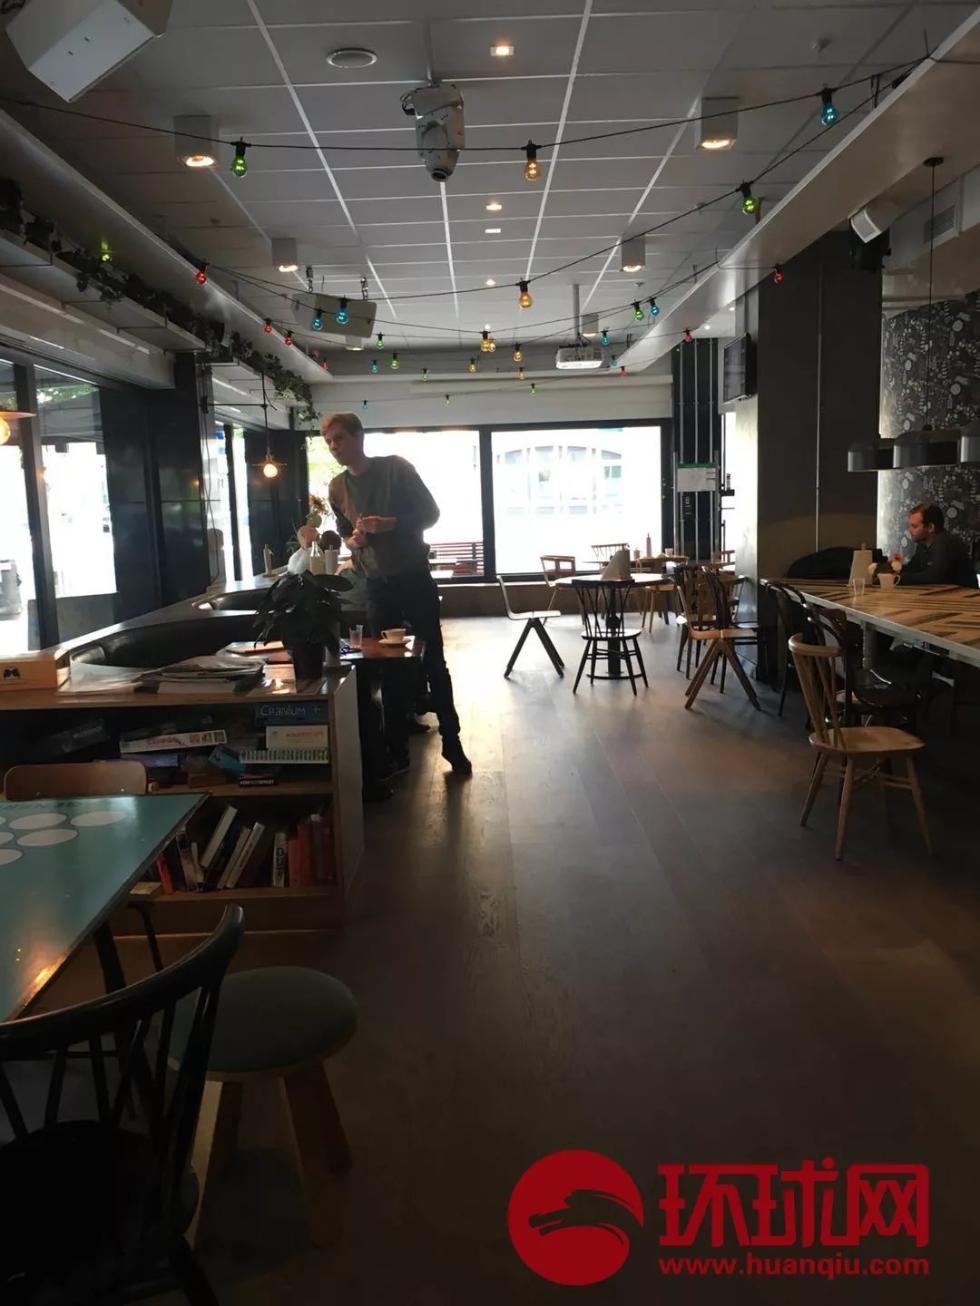 去瑞典中国游客要求公布执法录像 旅店:大厅无监控